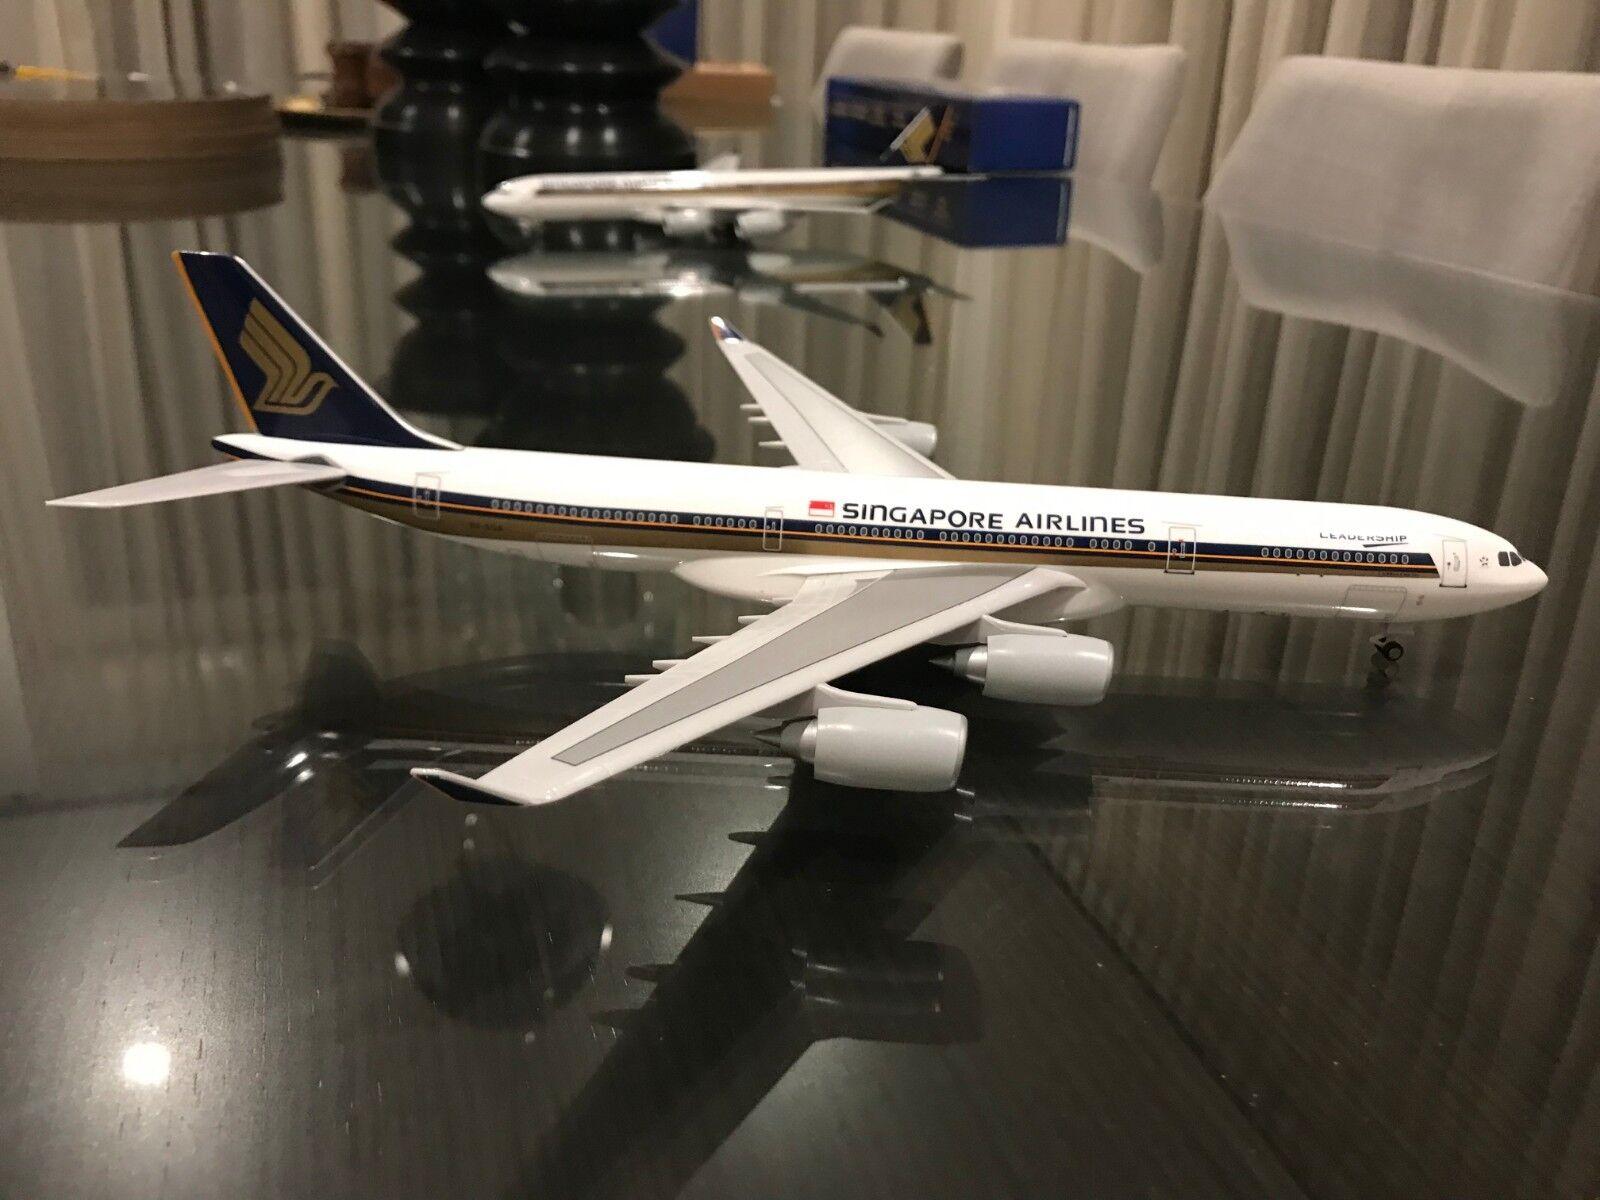 RARE - Singapore Airlines A340-500 1 200  LEADERSHIP   - 9V-SGA - Skymarks